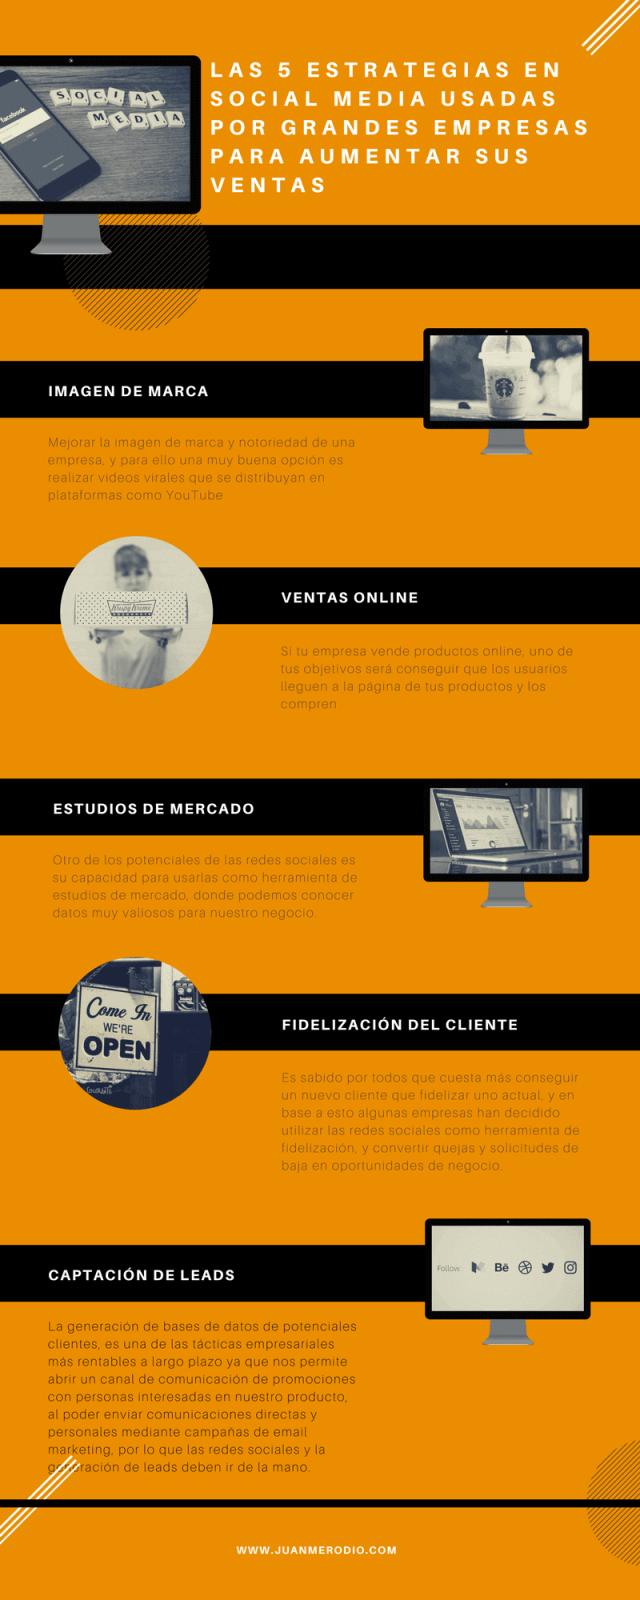 Las cinco estrategias en Social Media usadas por grandes empresas - Juan Merodio